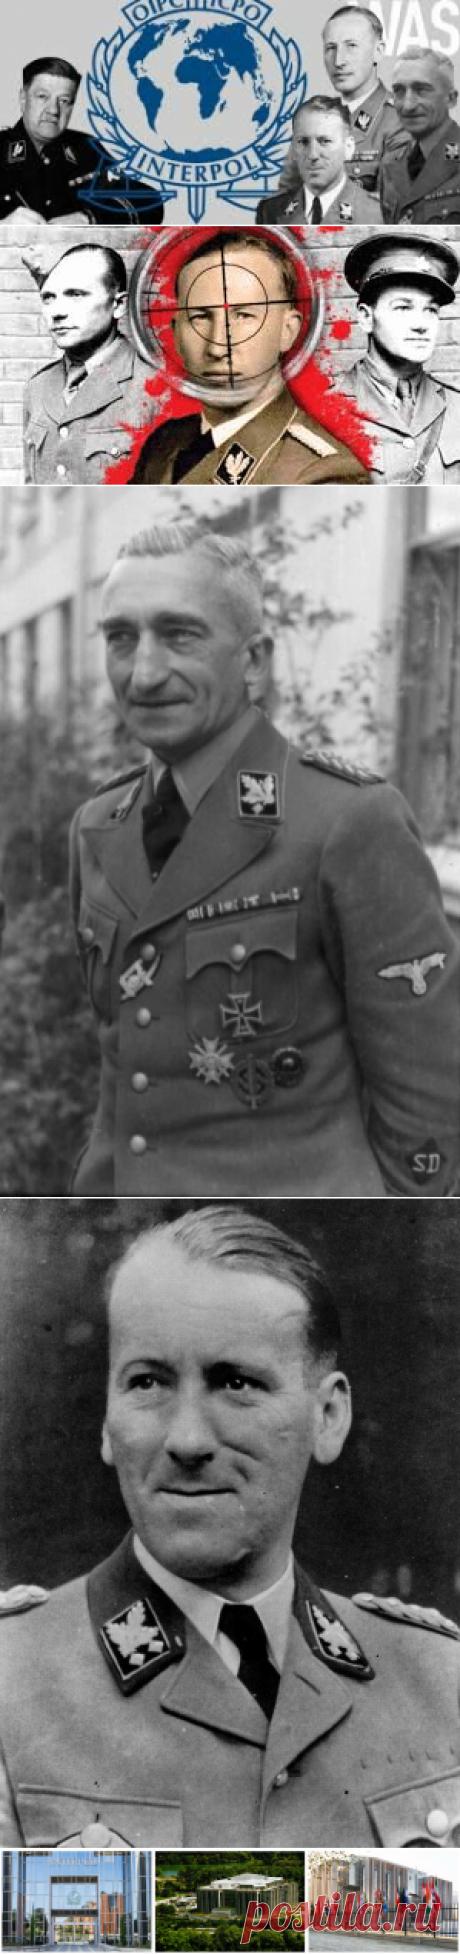 Тайна Интерпола: нацисты у руля организации и операция «Антропоид» | Умный волчара | Яндекс Дзен